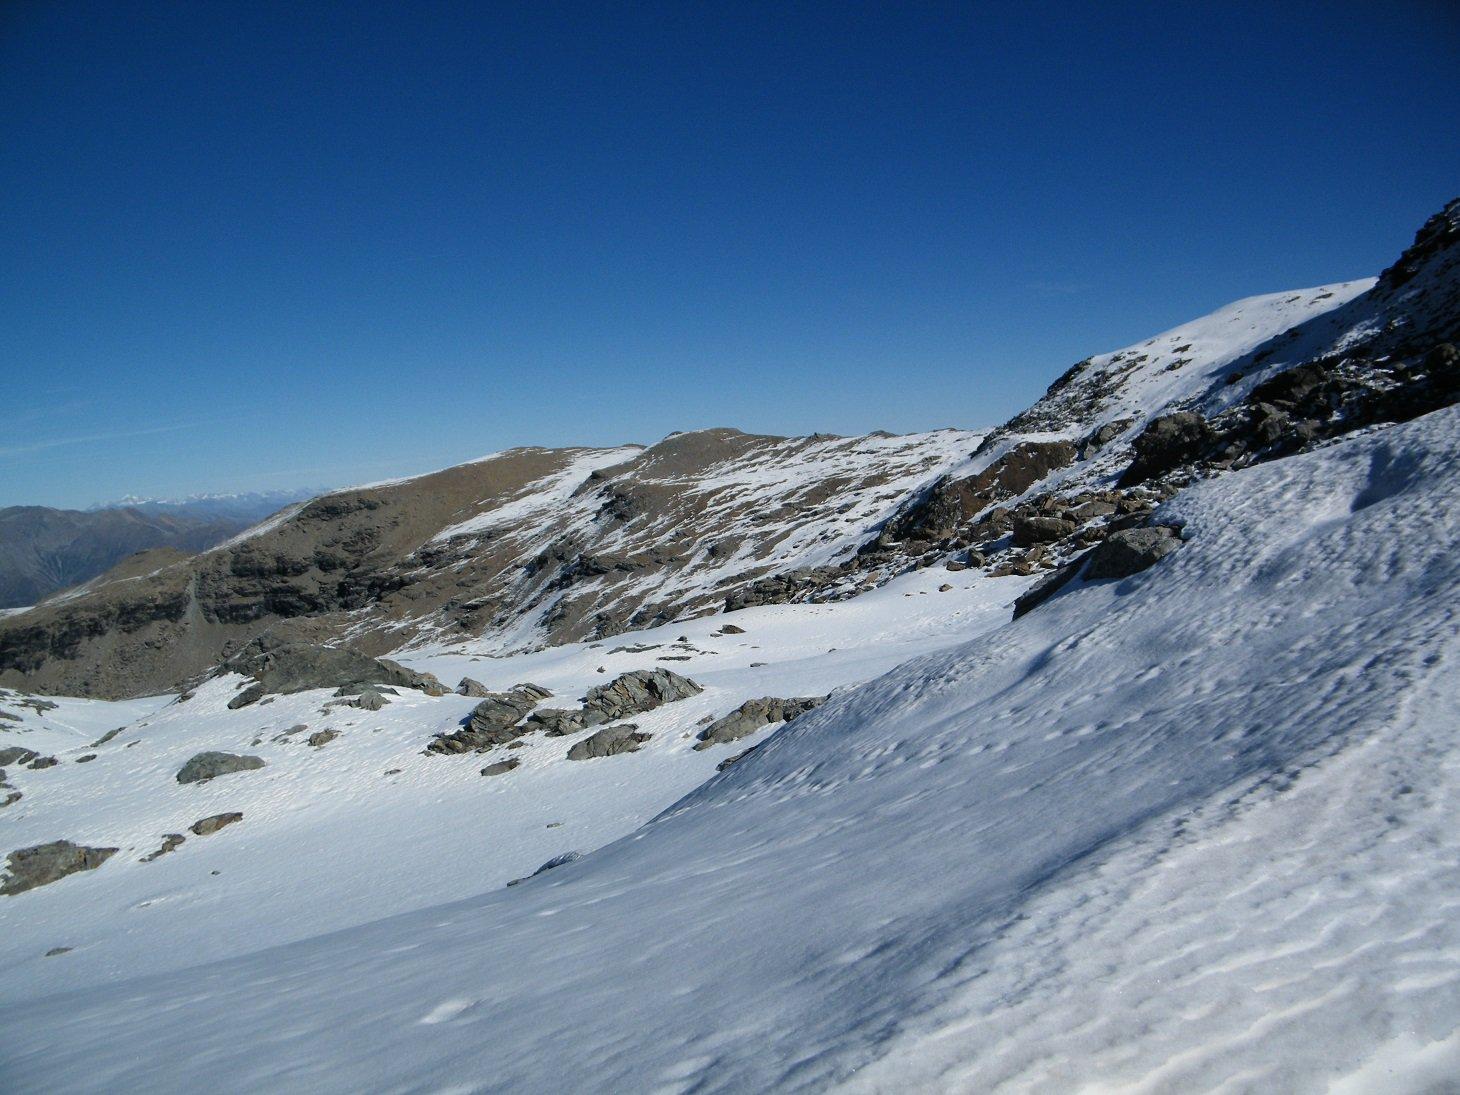 Rocca Nera vista dal Colle con le attuali condizioni di innevamento.